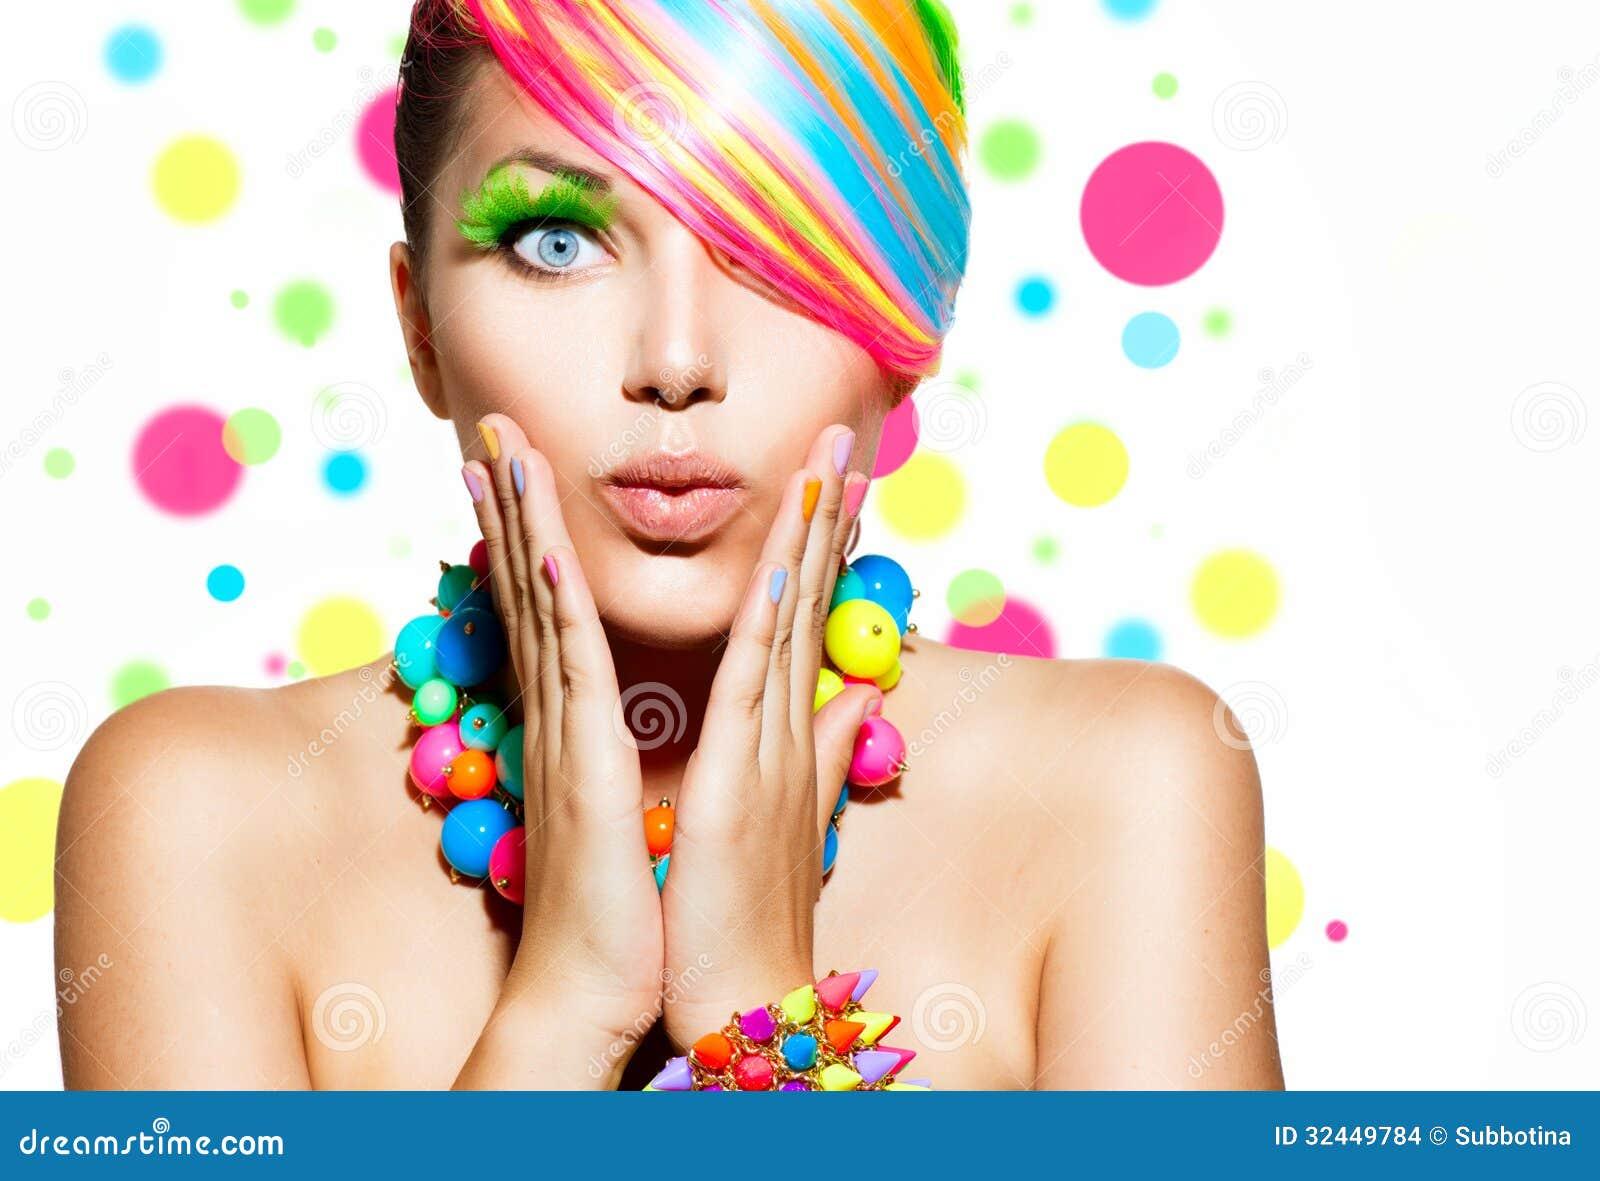 Maquillage coloré, cheveux et accessoires